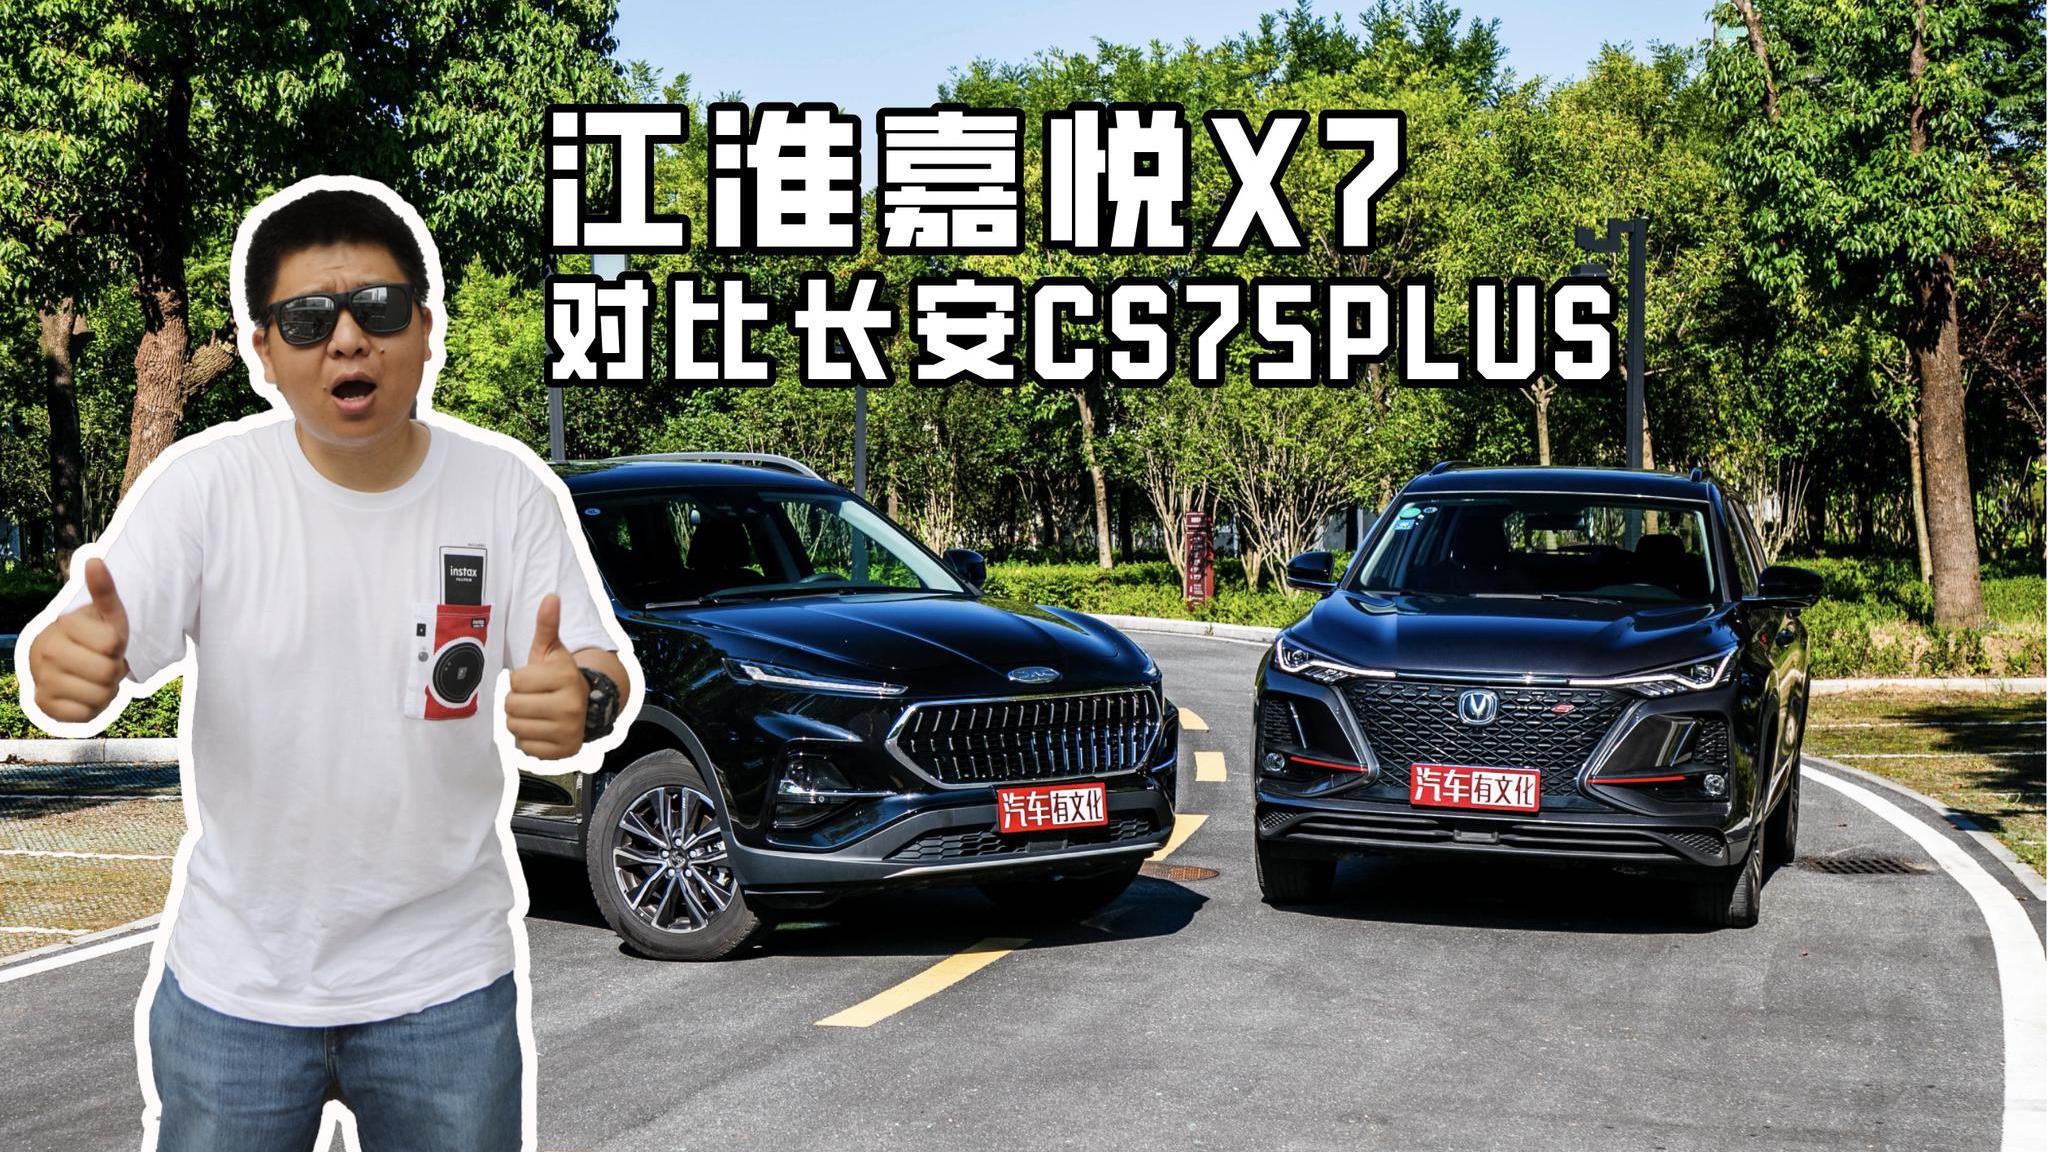 视频:10万元颜值担当,江淮嘉悦X7对比长安CS75PLUS